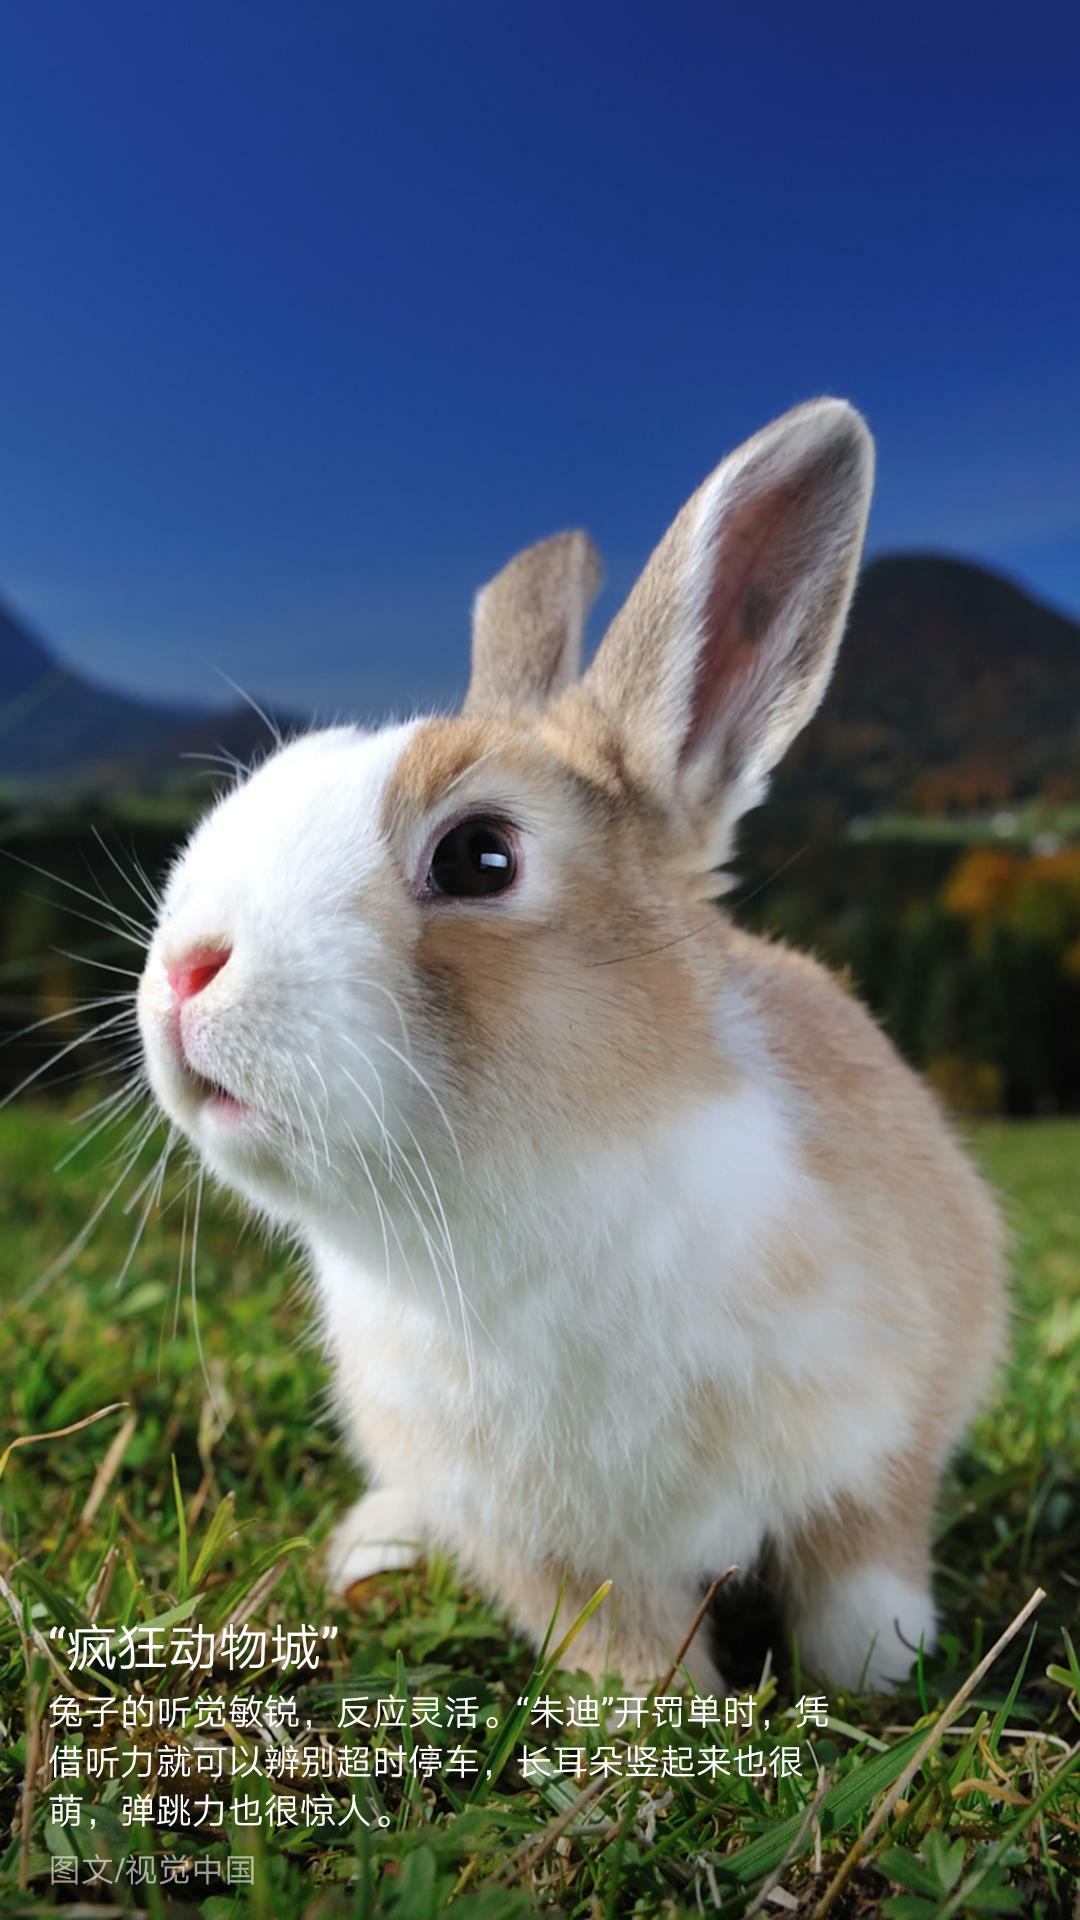 小动物_帖子_oppo手机官方社区